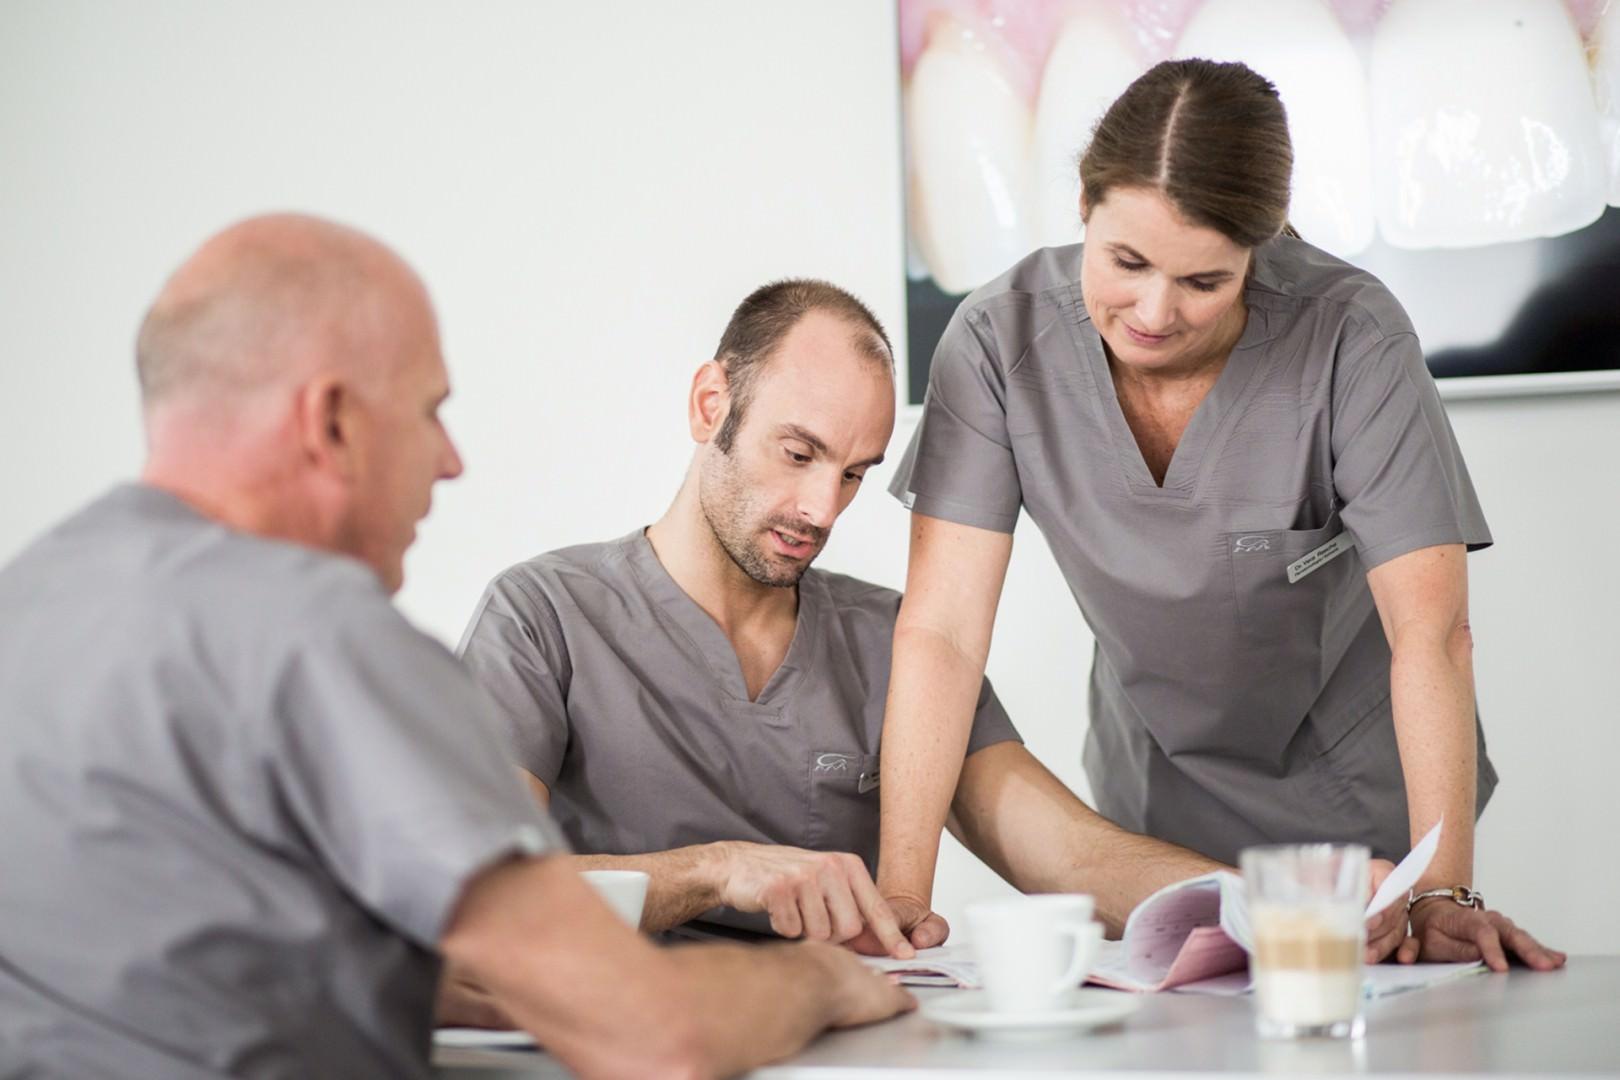 Zahnkultur Köln - Teambesprechung Dr. Martin Schneider, Dr. Markus Bechtold, Frau Dr. Rasche